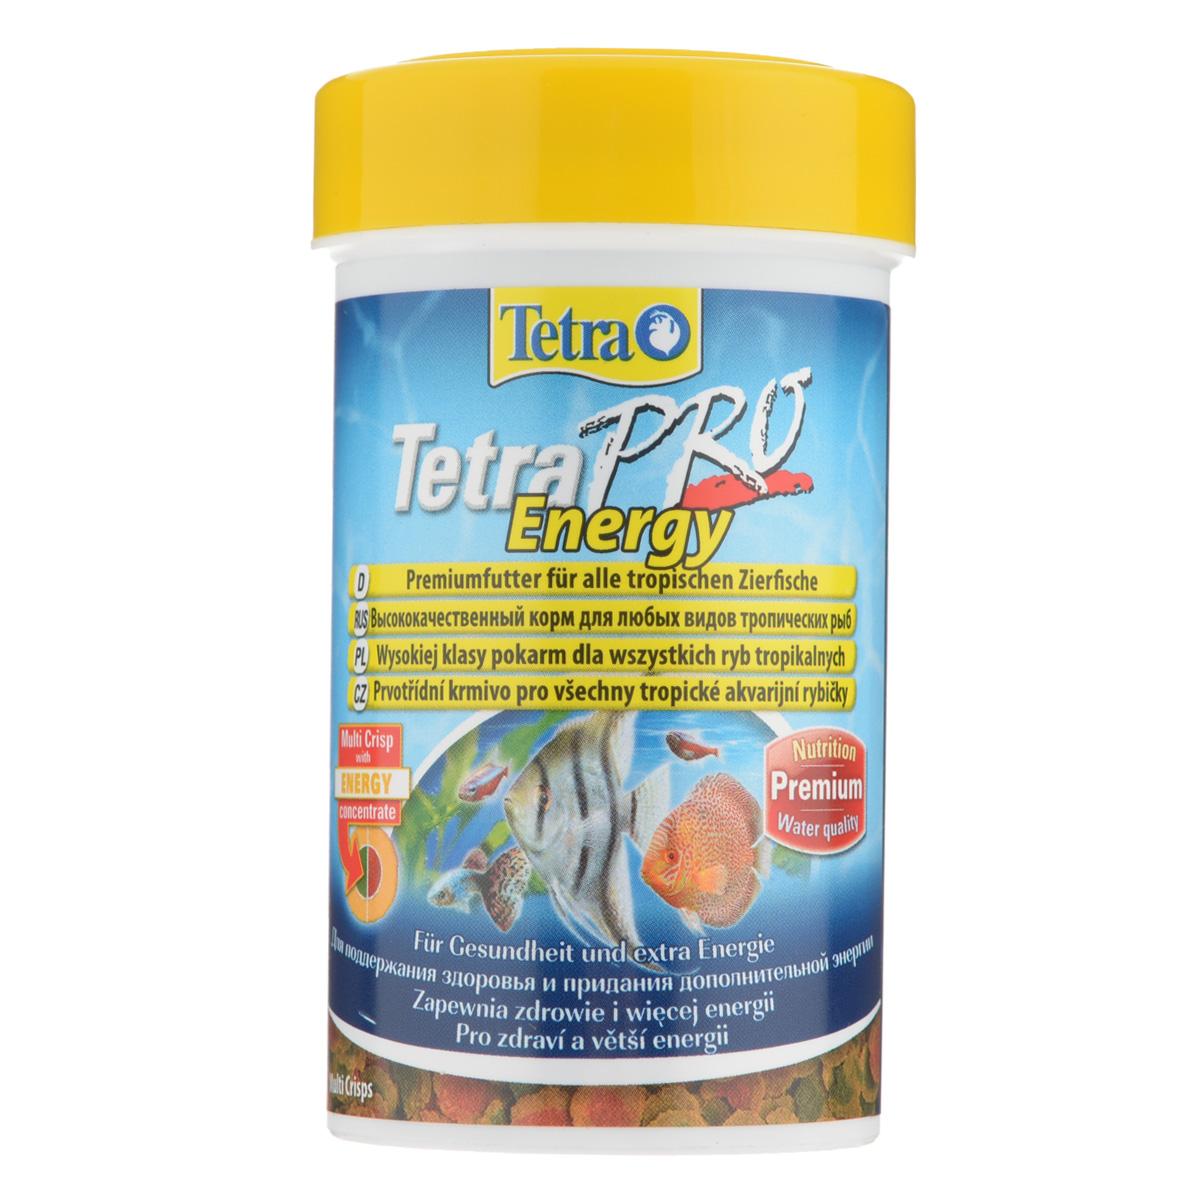 Корм сухой TetraPro Energy для всех видов тропических рыб, в виде чипсов, 250 мл0120710Полноценный высококачественный корм Tetra TetraPro. Energy для всех видов тропических рыб разработан для поддержания здоровья и придания дополнительной энергии. Особенности Tetra TetraPro. Energy:- щадящая низкотемпературная технология изготовления обеспечивает высокую питательную ценность и стабильность витаминов;- энергетический концентрат для дополнительной энергии;- инновационная форма чипсов для минимального загрязнения воды отходами; - легкое кормление. Рекомендации по кормлению: кормить несколько раз в день маленькими порциями. Состав: рыба и побочные рыбные продукты, зерновые культуры, экстракты растительного белка, дрожжи, моллюски и раки, масла и жиры, водоросли, сахар.Аналитические компоненты: сырой белок - 46%, сырые масла и жиры - 12%, сырая клетчатка - 2,0%, влага - 9%.Добавки: витамины, провитамины и химические вещества с аналогичным воздействием: витамин А 29880 МЕ/кг, витамин Д3 1865 МЕ/кг, Л-карнитин 123 мг/кг. Комбинации элементов: Е5 Марганец 67 мг/кг, Е6 Цинк 40 мг/кг, Е1 Железо 26 мг/кг, Е3 Кобальт 0,6 мг/кг. Красители, консерванты, антиоксиданты. Товар сертифицирован.